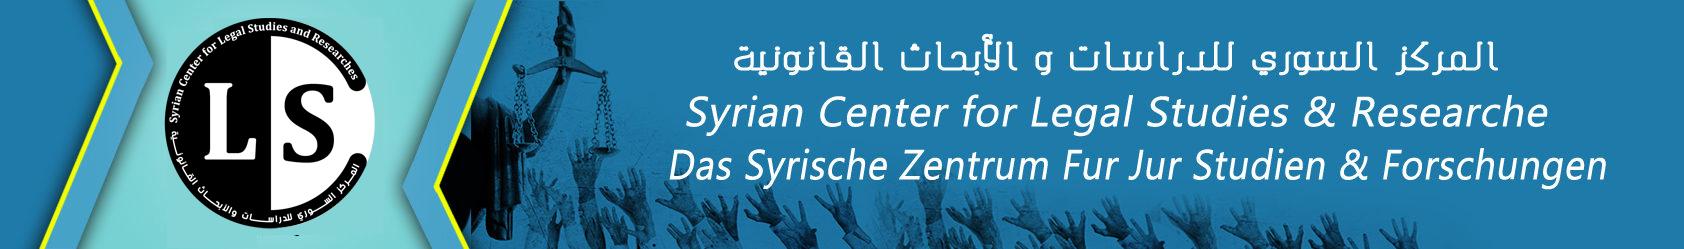 Syrisches Zentrum für Rechtswissenschaften und Forschung